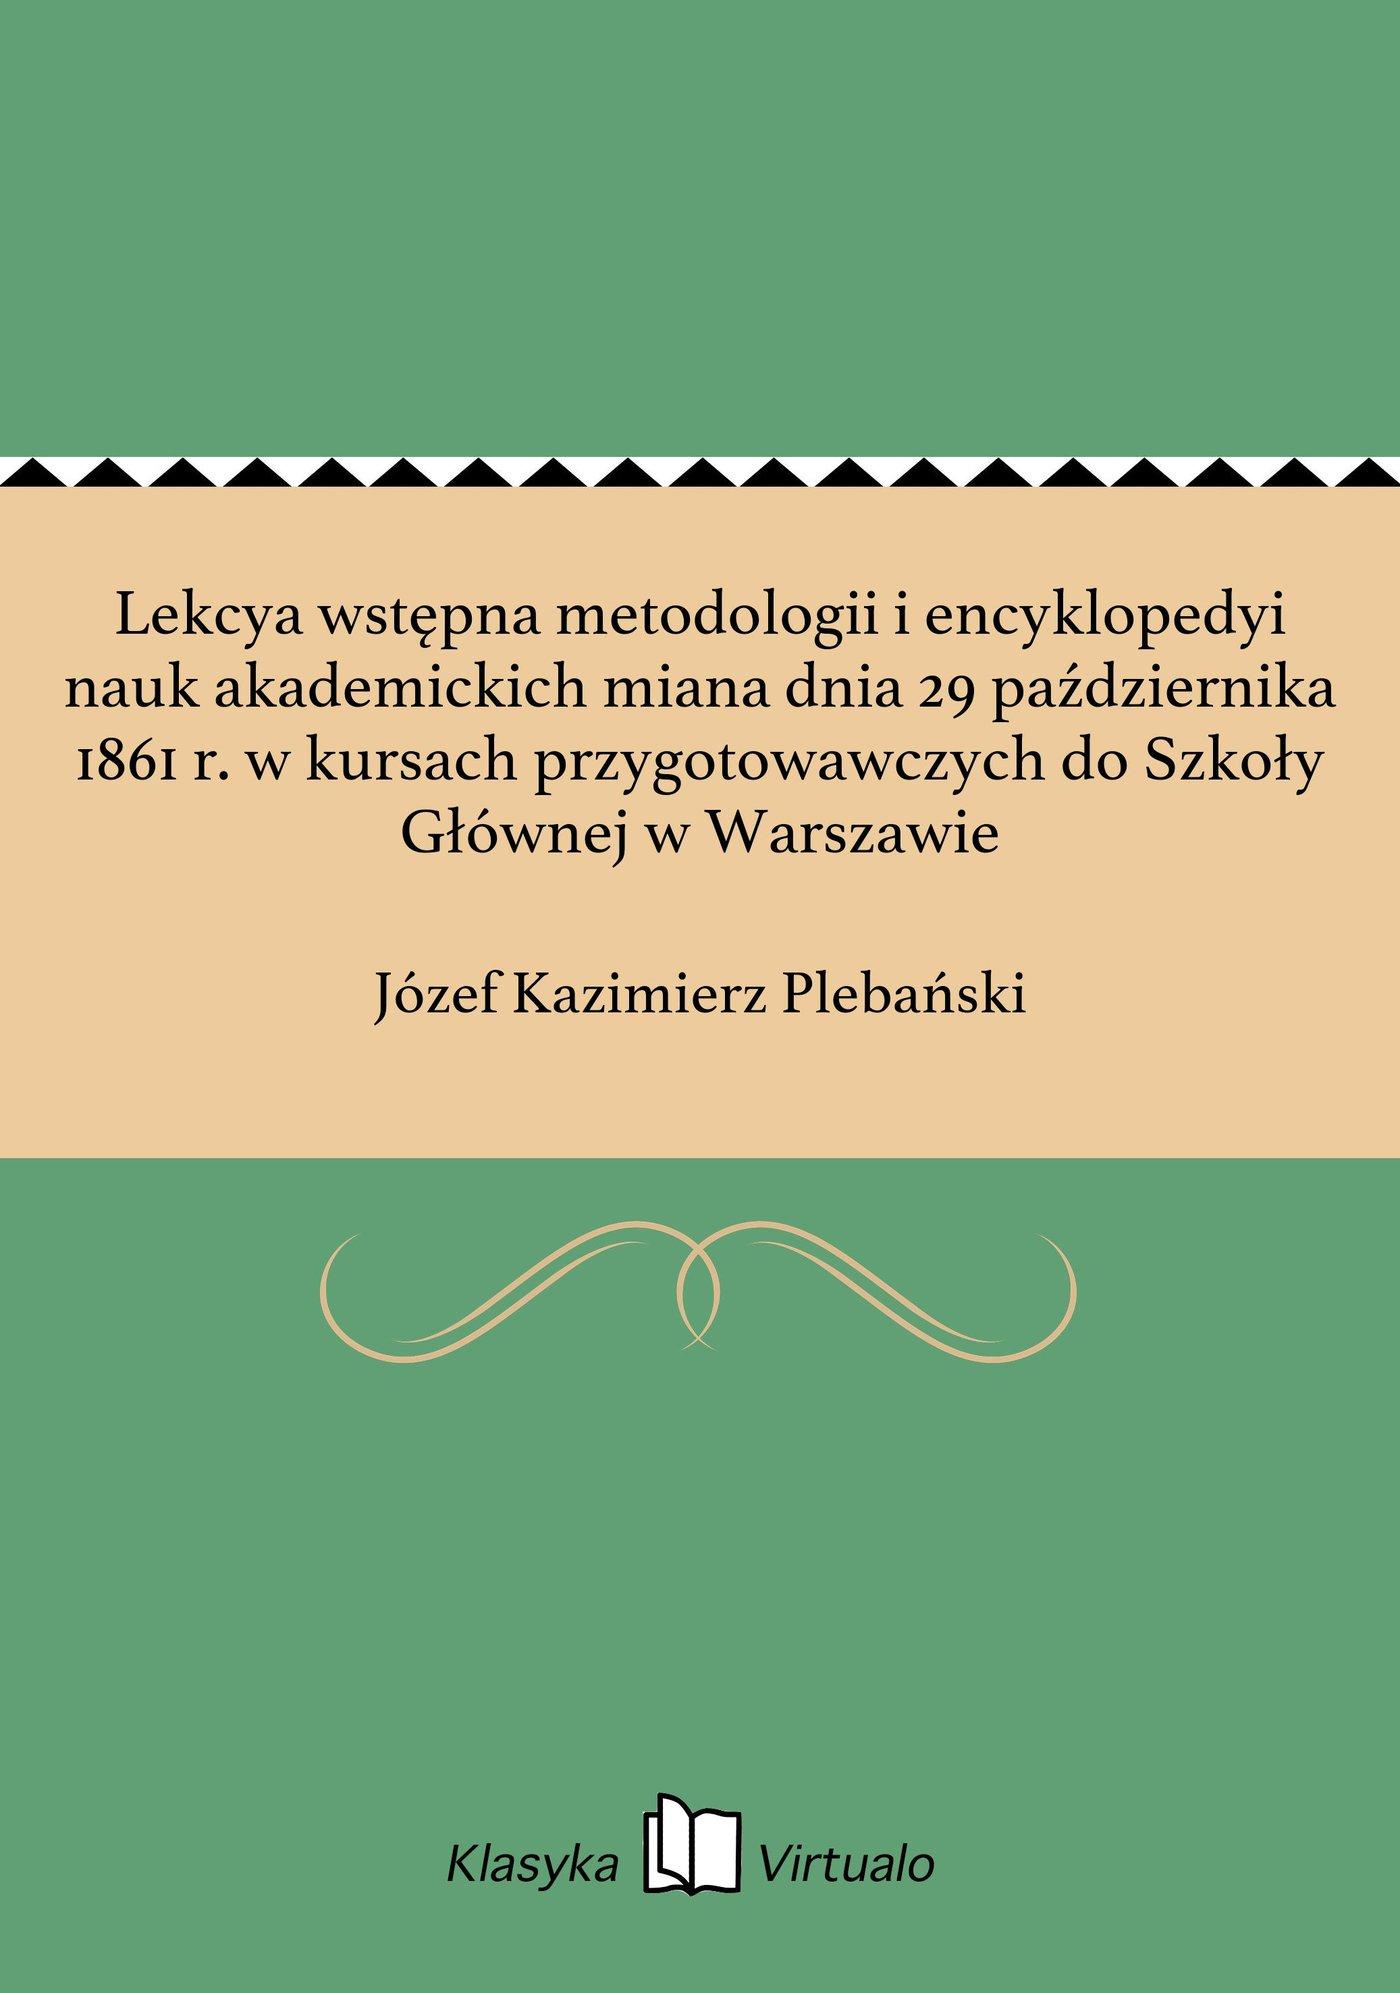 Lekcya wstępna metodologii i encyklopedyi nauk akademickich miana dnia 29 października 1861 r. w kursach przygotowawczych do Szkoły Głównej w Warszawie - Ebook (Książka na Kindle) do pobrania w formacie MOBI